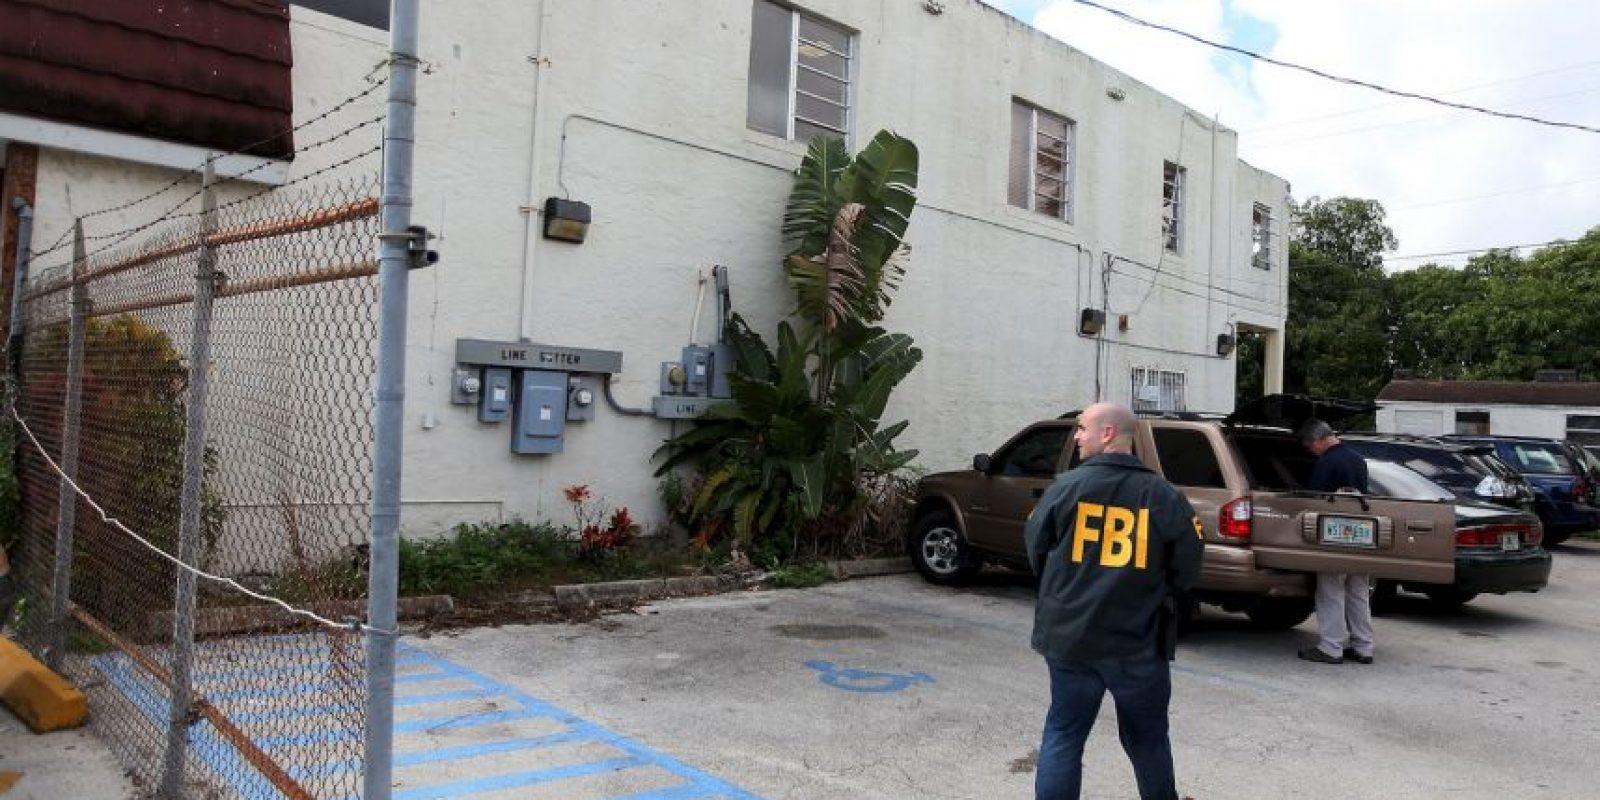 El FBI se siente preocupado por el creciente número de seguidores que está adquiriendo el Estado Islámico. Foto:Getty Images